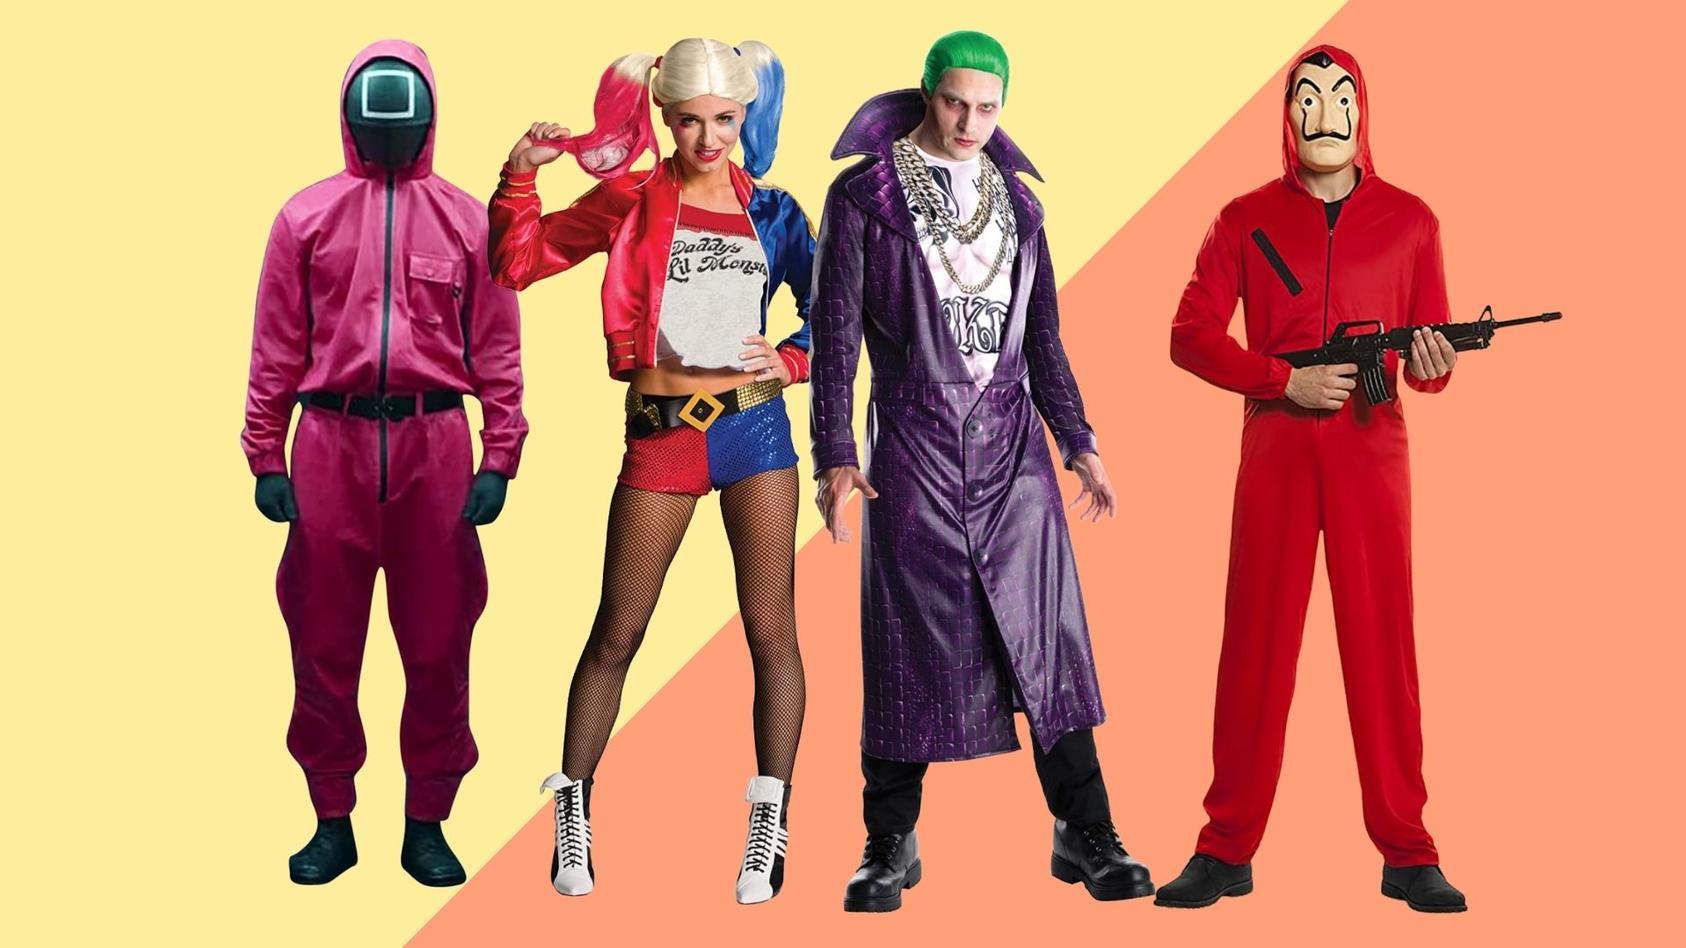 Die Streaming-Hits von Netflix & Co. beeinflussen auch die Halloween-Trends 2021.